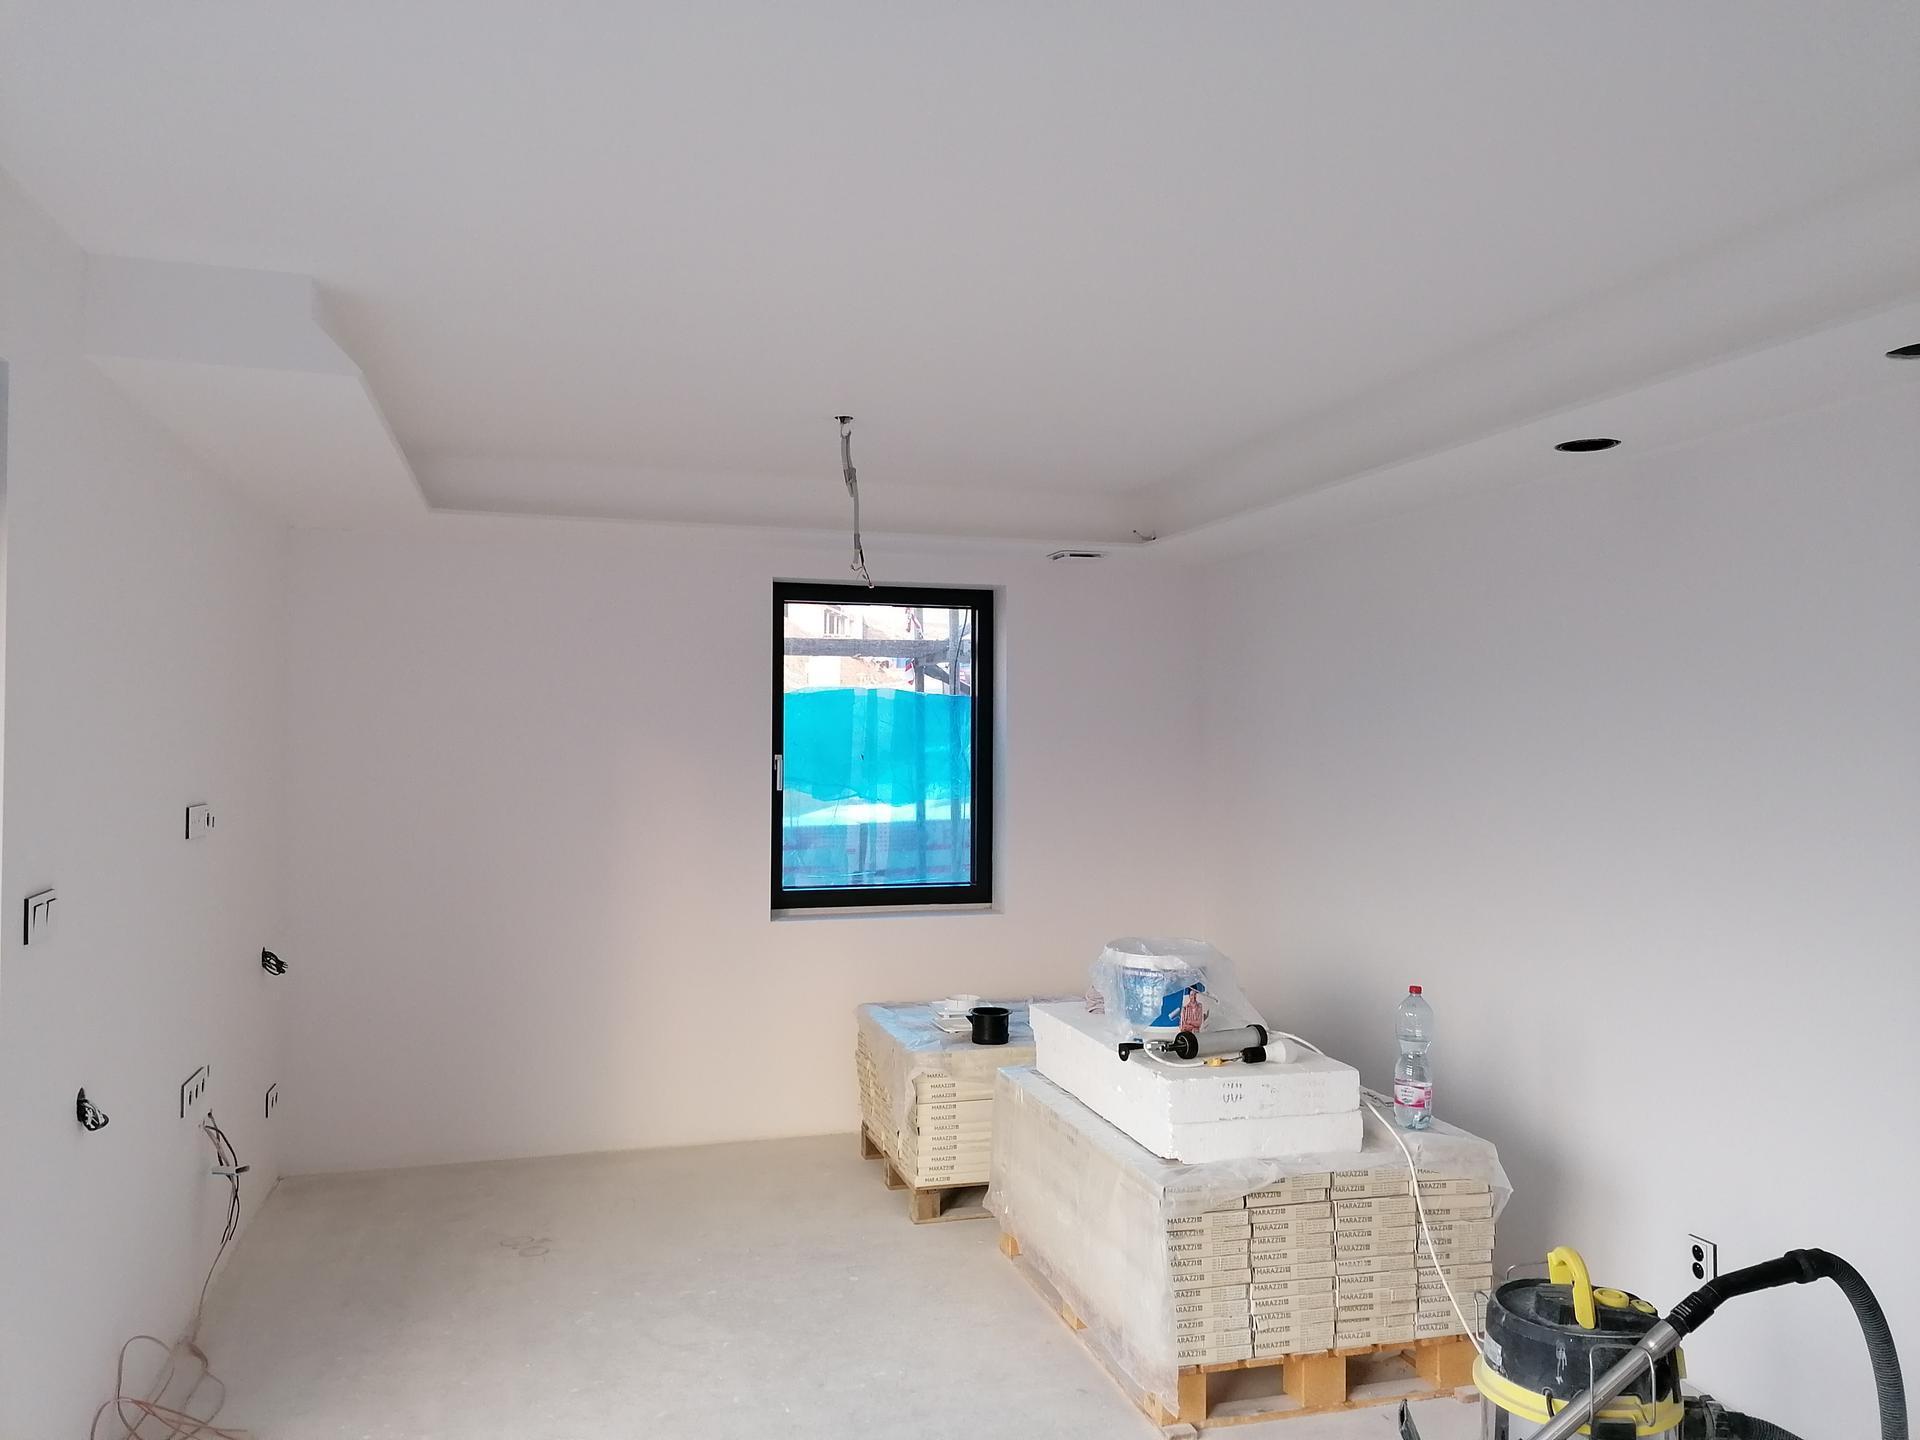 Pasiv Svépomocí 2021 - Vymalováno - stropy: HET klasik, stěna: Dulux easy care